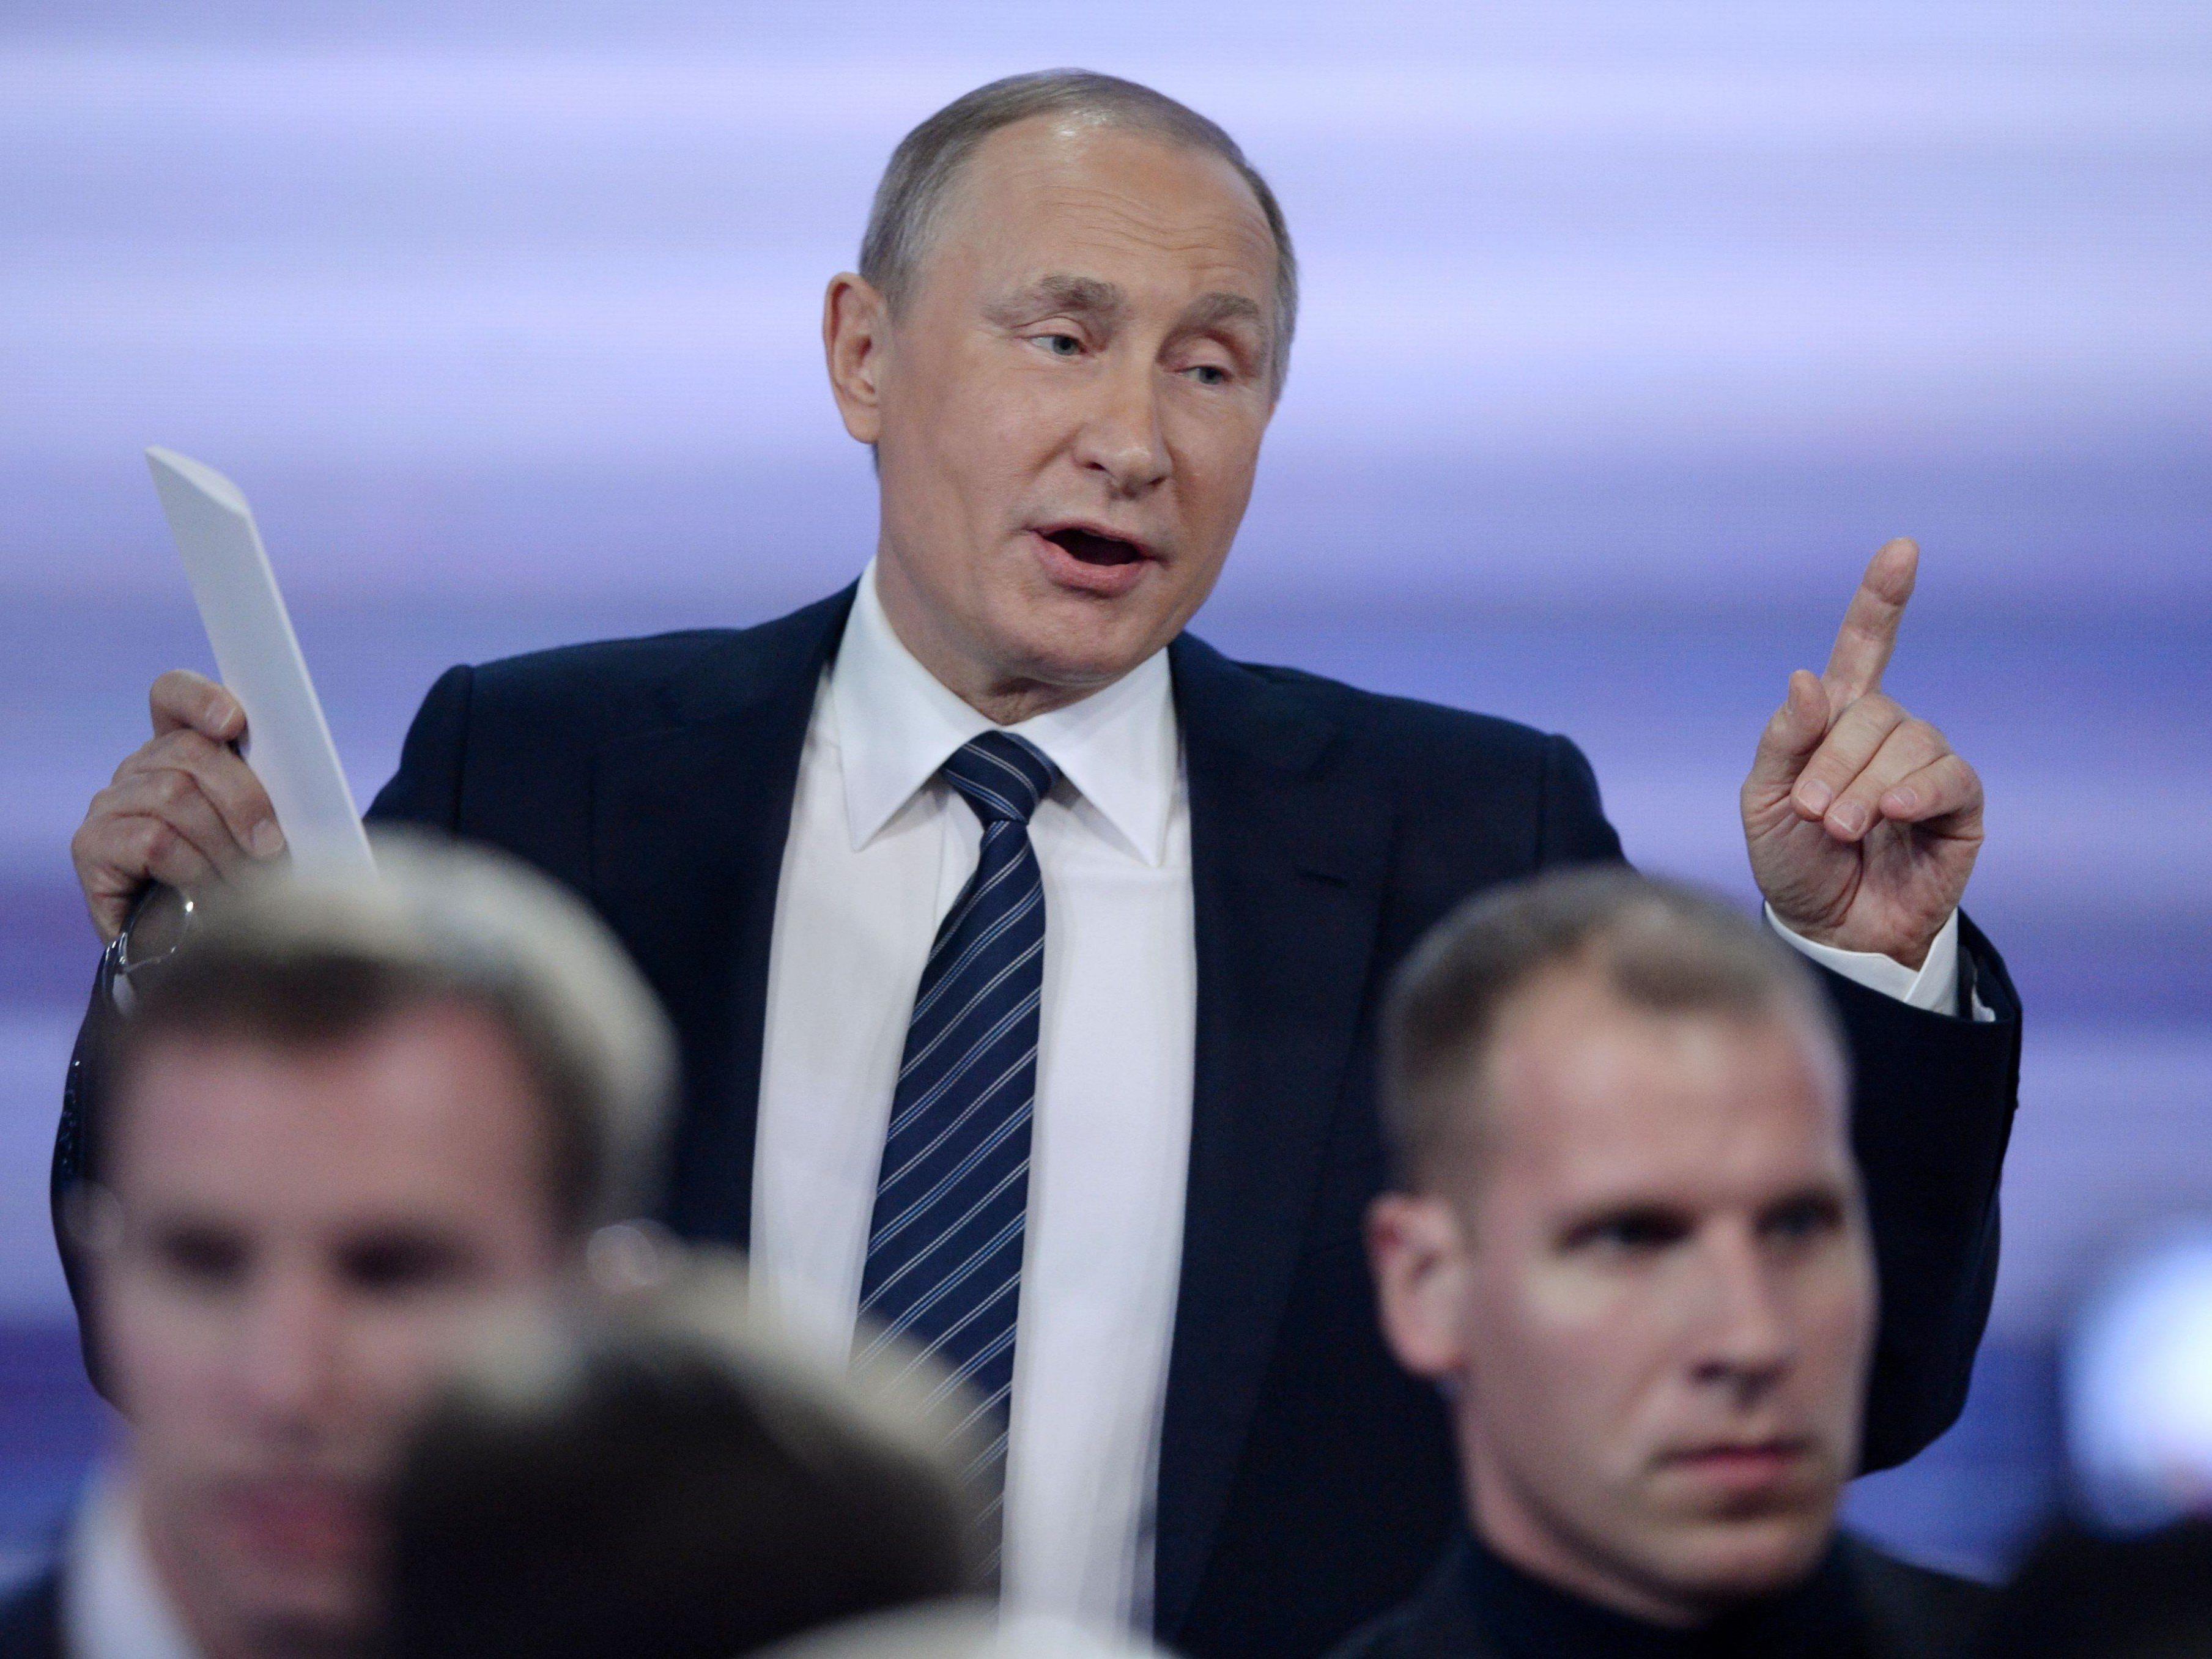 Der Personenkult um Putin nimmt in Russland schon länger zu, der Titel des Propheten allerdings ist neu.